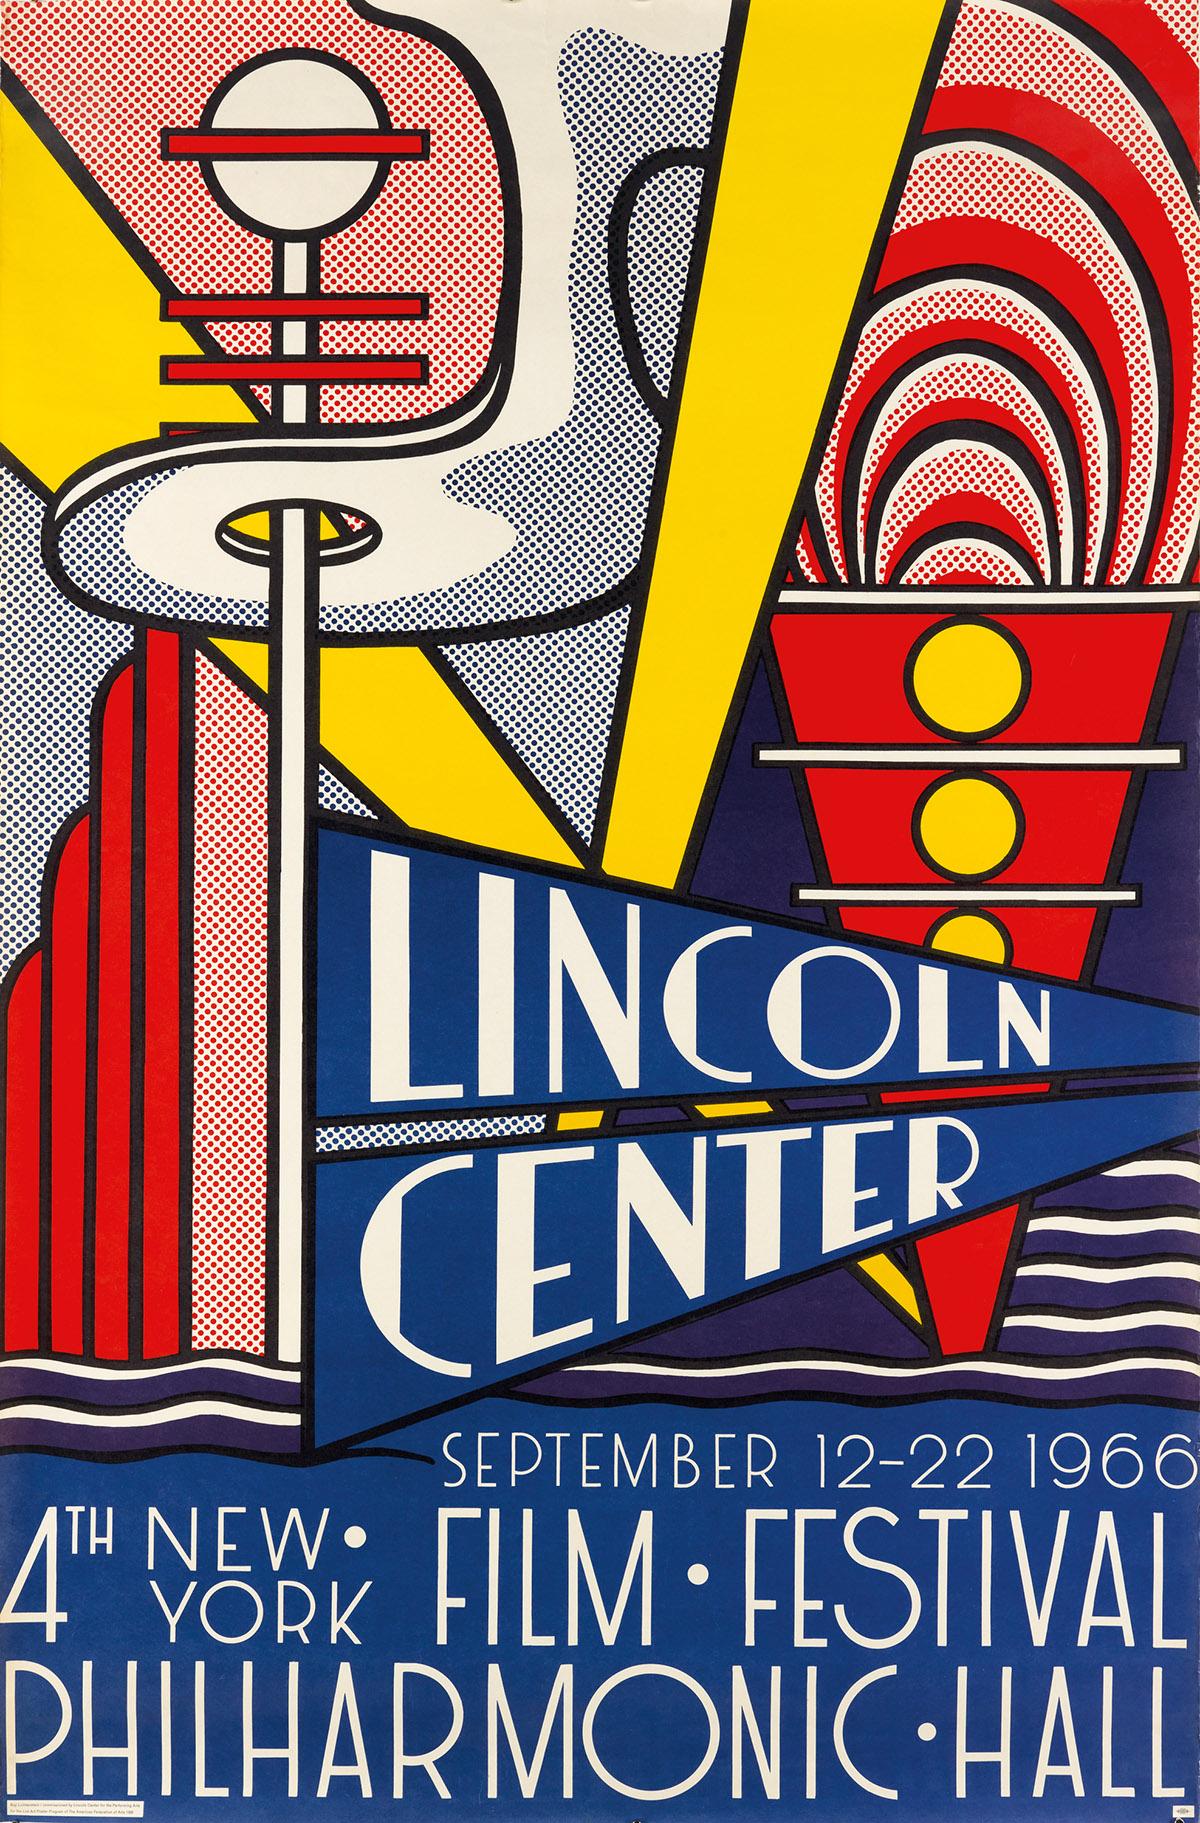 ROY LICHTENSTEIN (1923-1997). LINCOLN CENTER / 4TH NEW YORK FILM FESTIVAL. 1966. 45x29 inches, 114x75 cm. Union, New York.